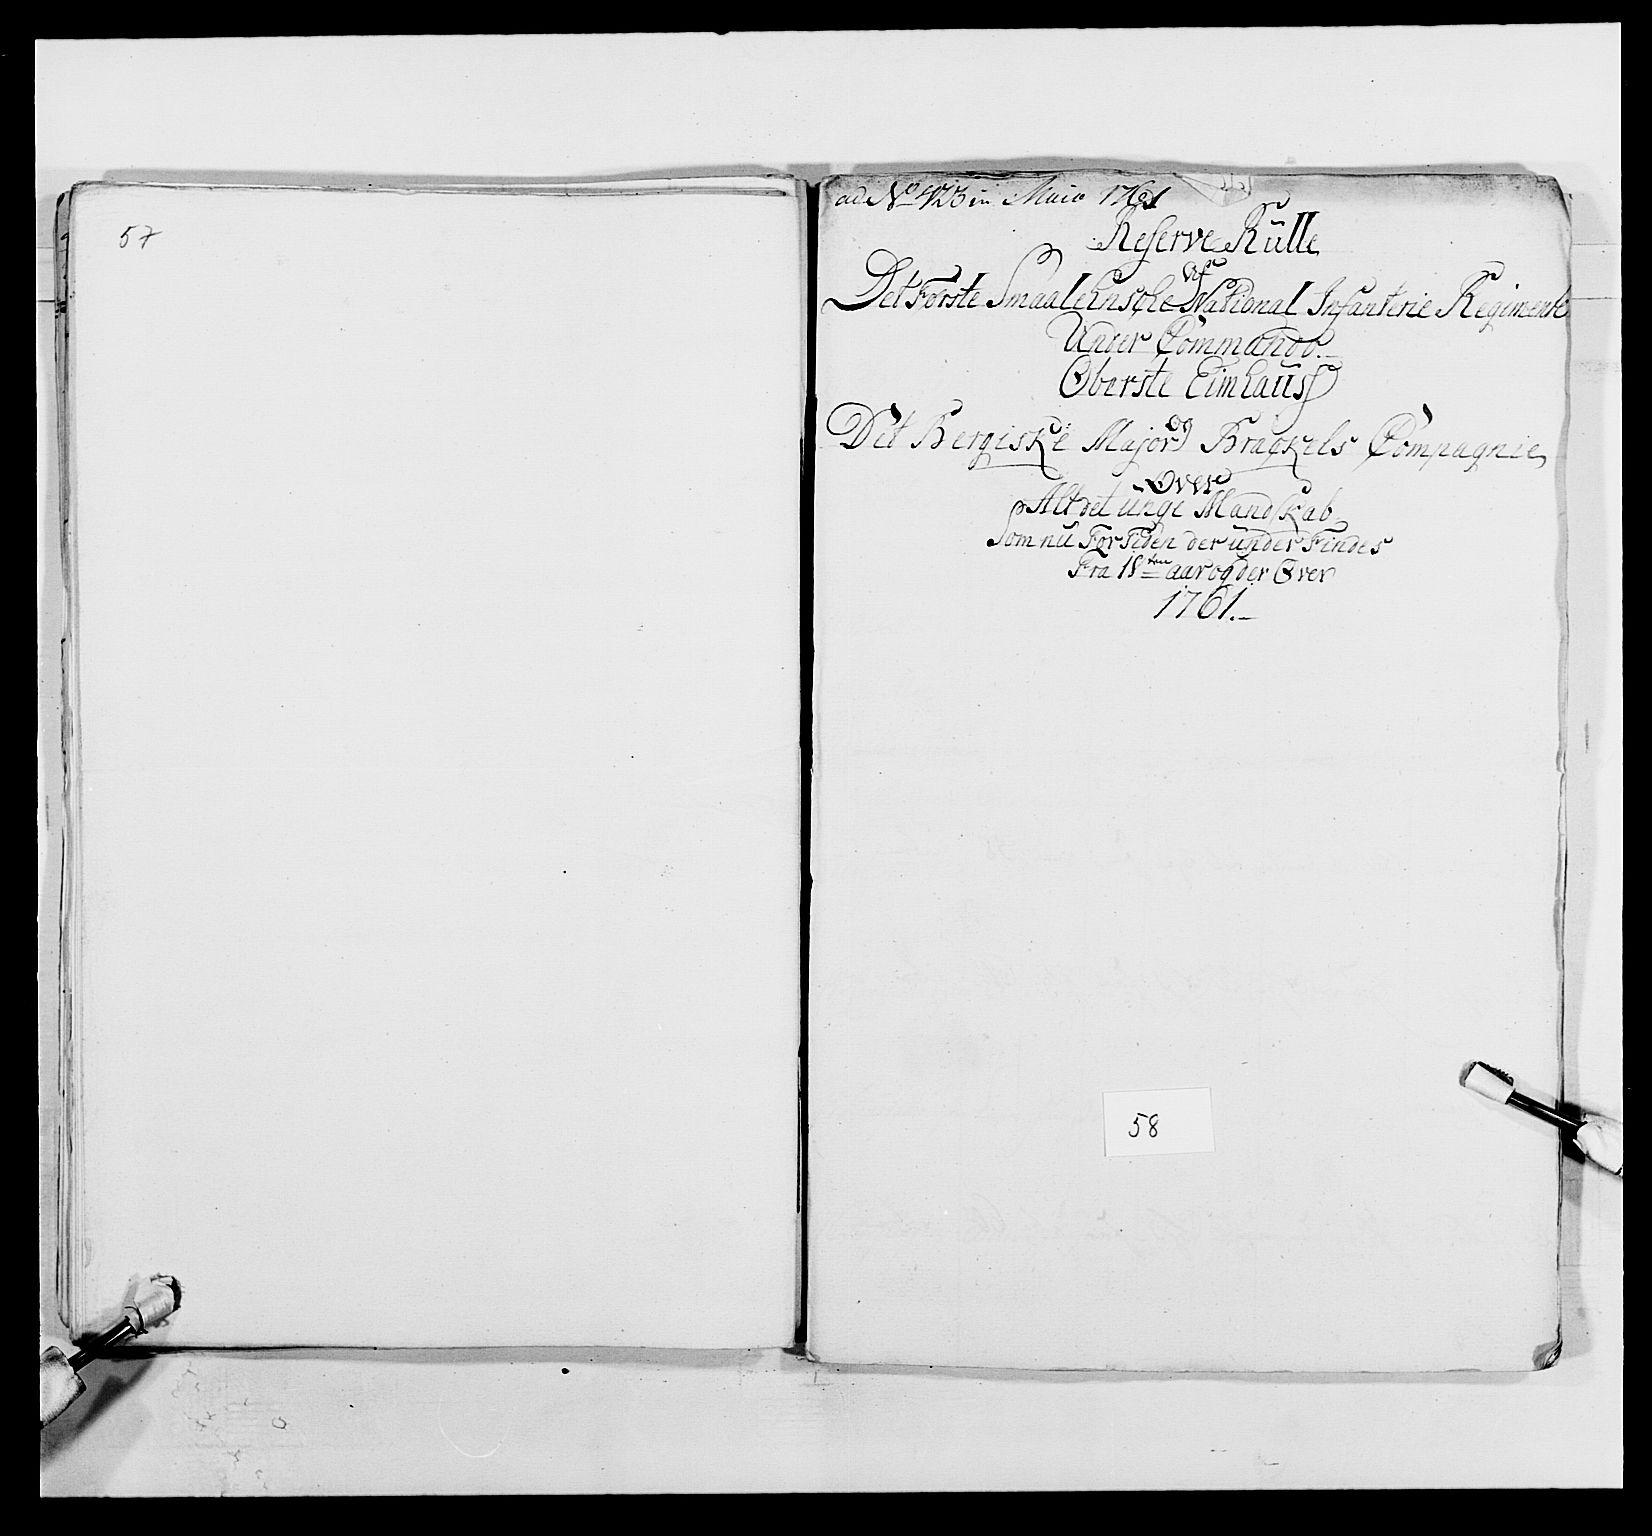 RA, Kommanderende general (KG I) med Det norske krigsdirektorium, E/Ea/L0495: 1. Smålenske regiment, 1732-1763, s. 743